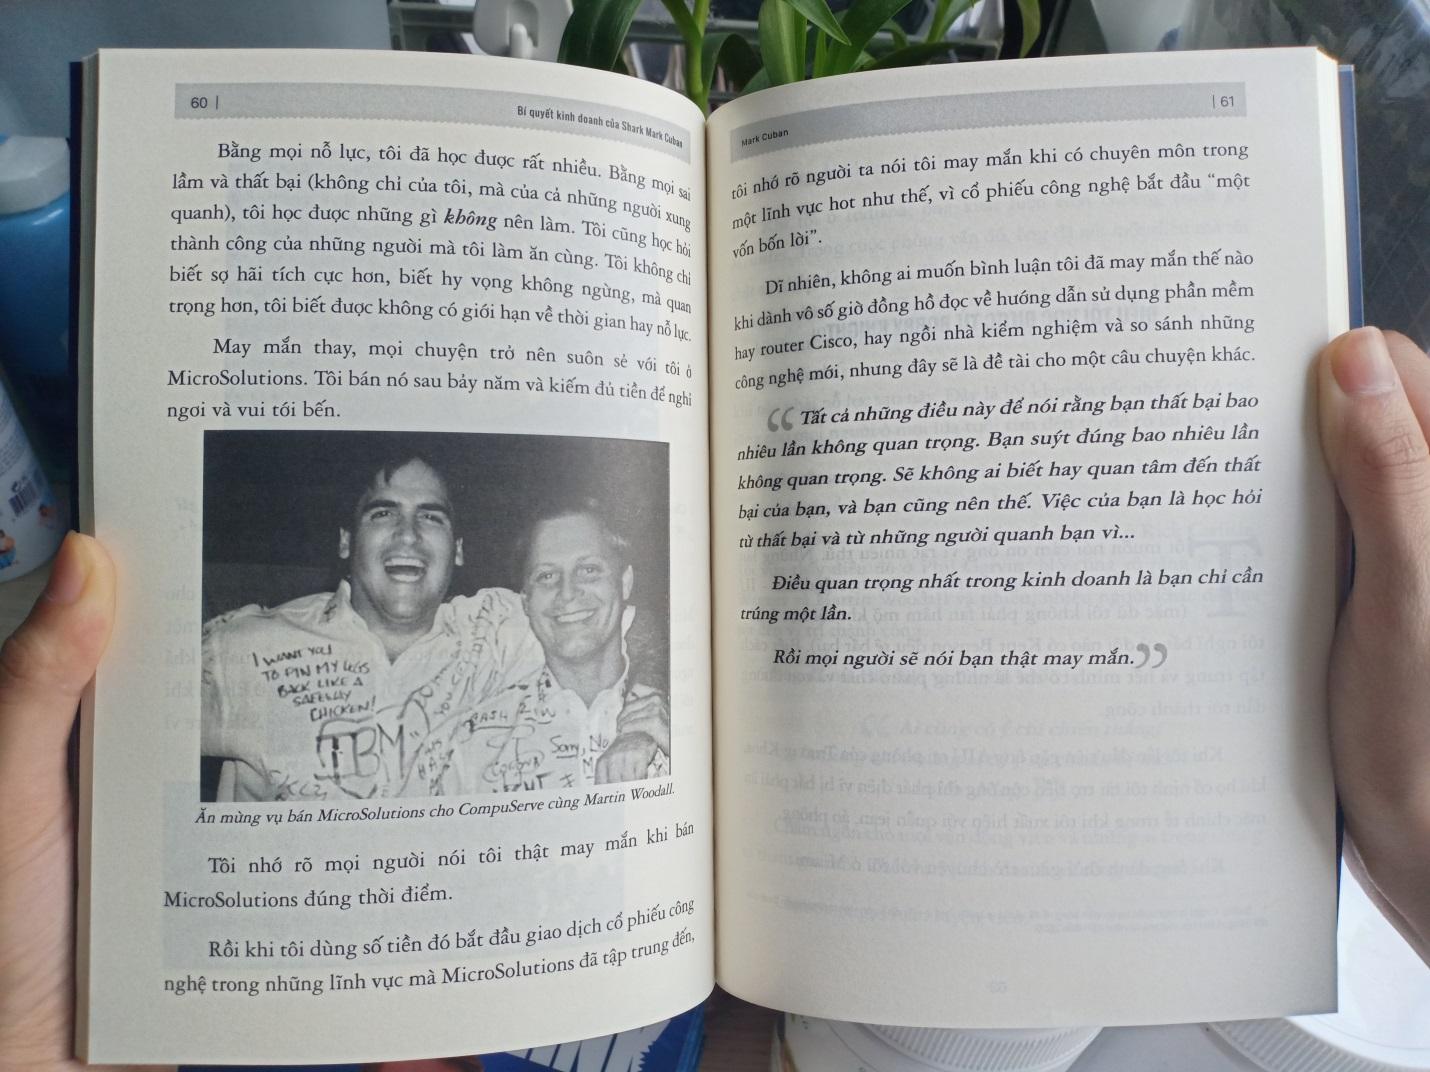 Shark Hưng: Từ review thú vị về bộ sách America Shark Tank đến lời khuyên start up thực tế - Ảnh 5.